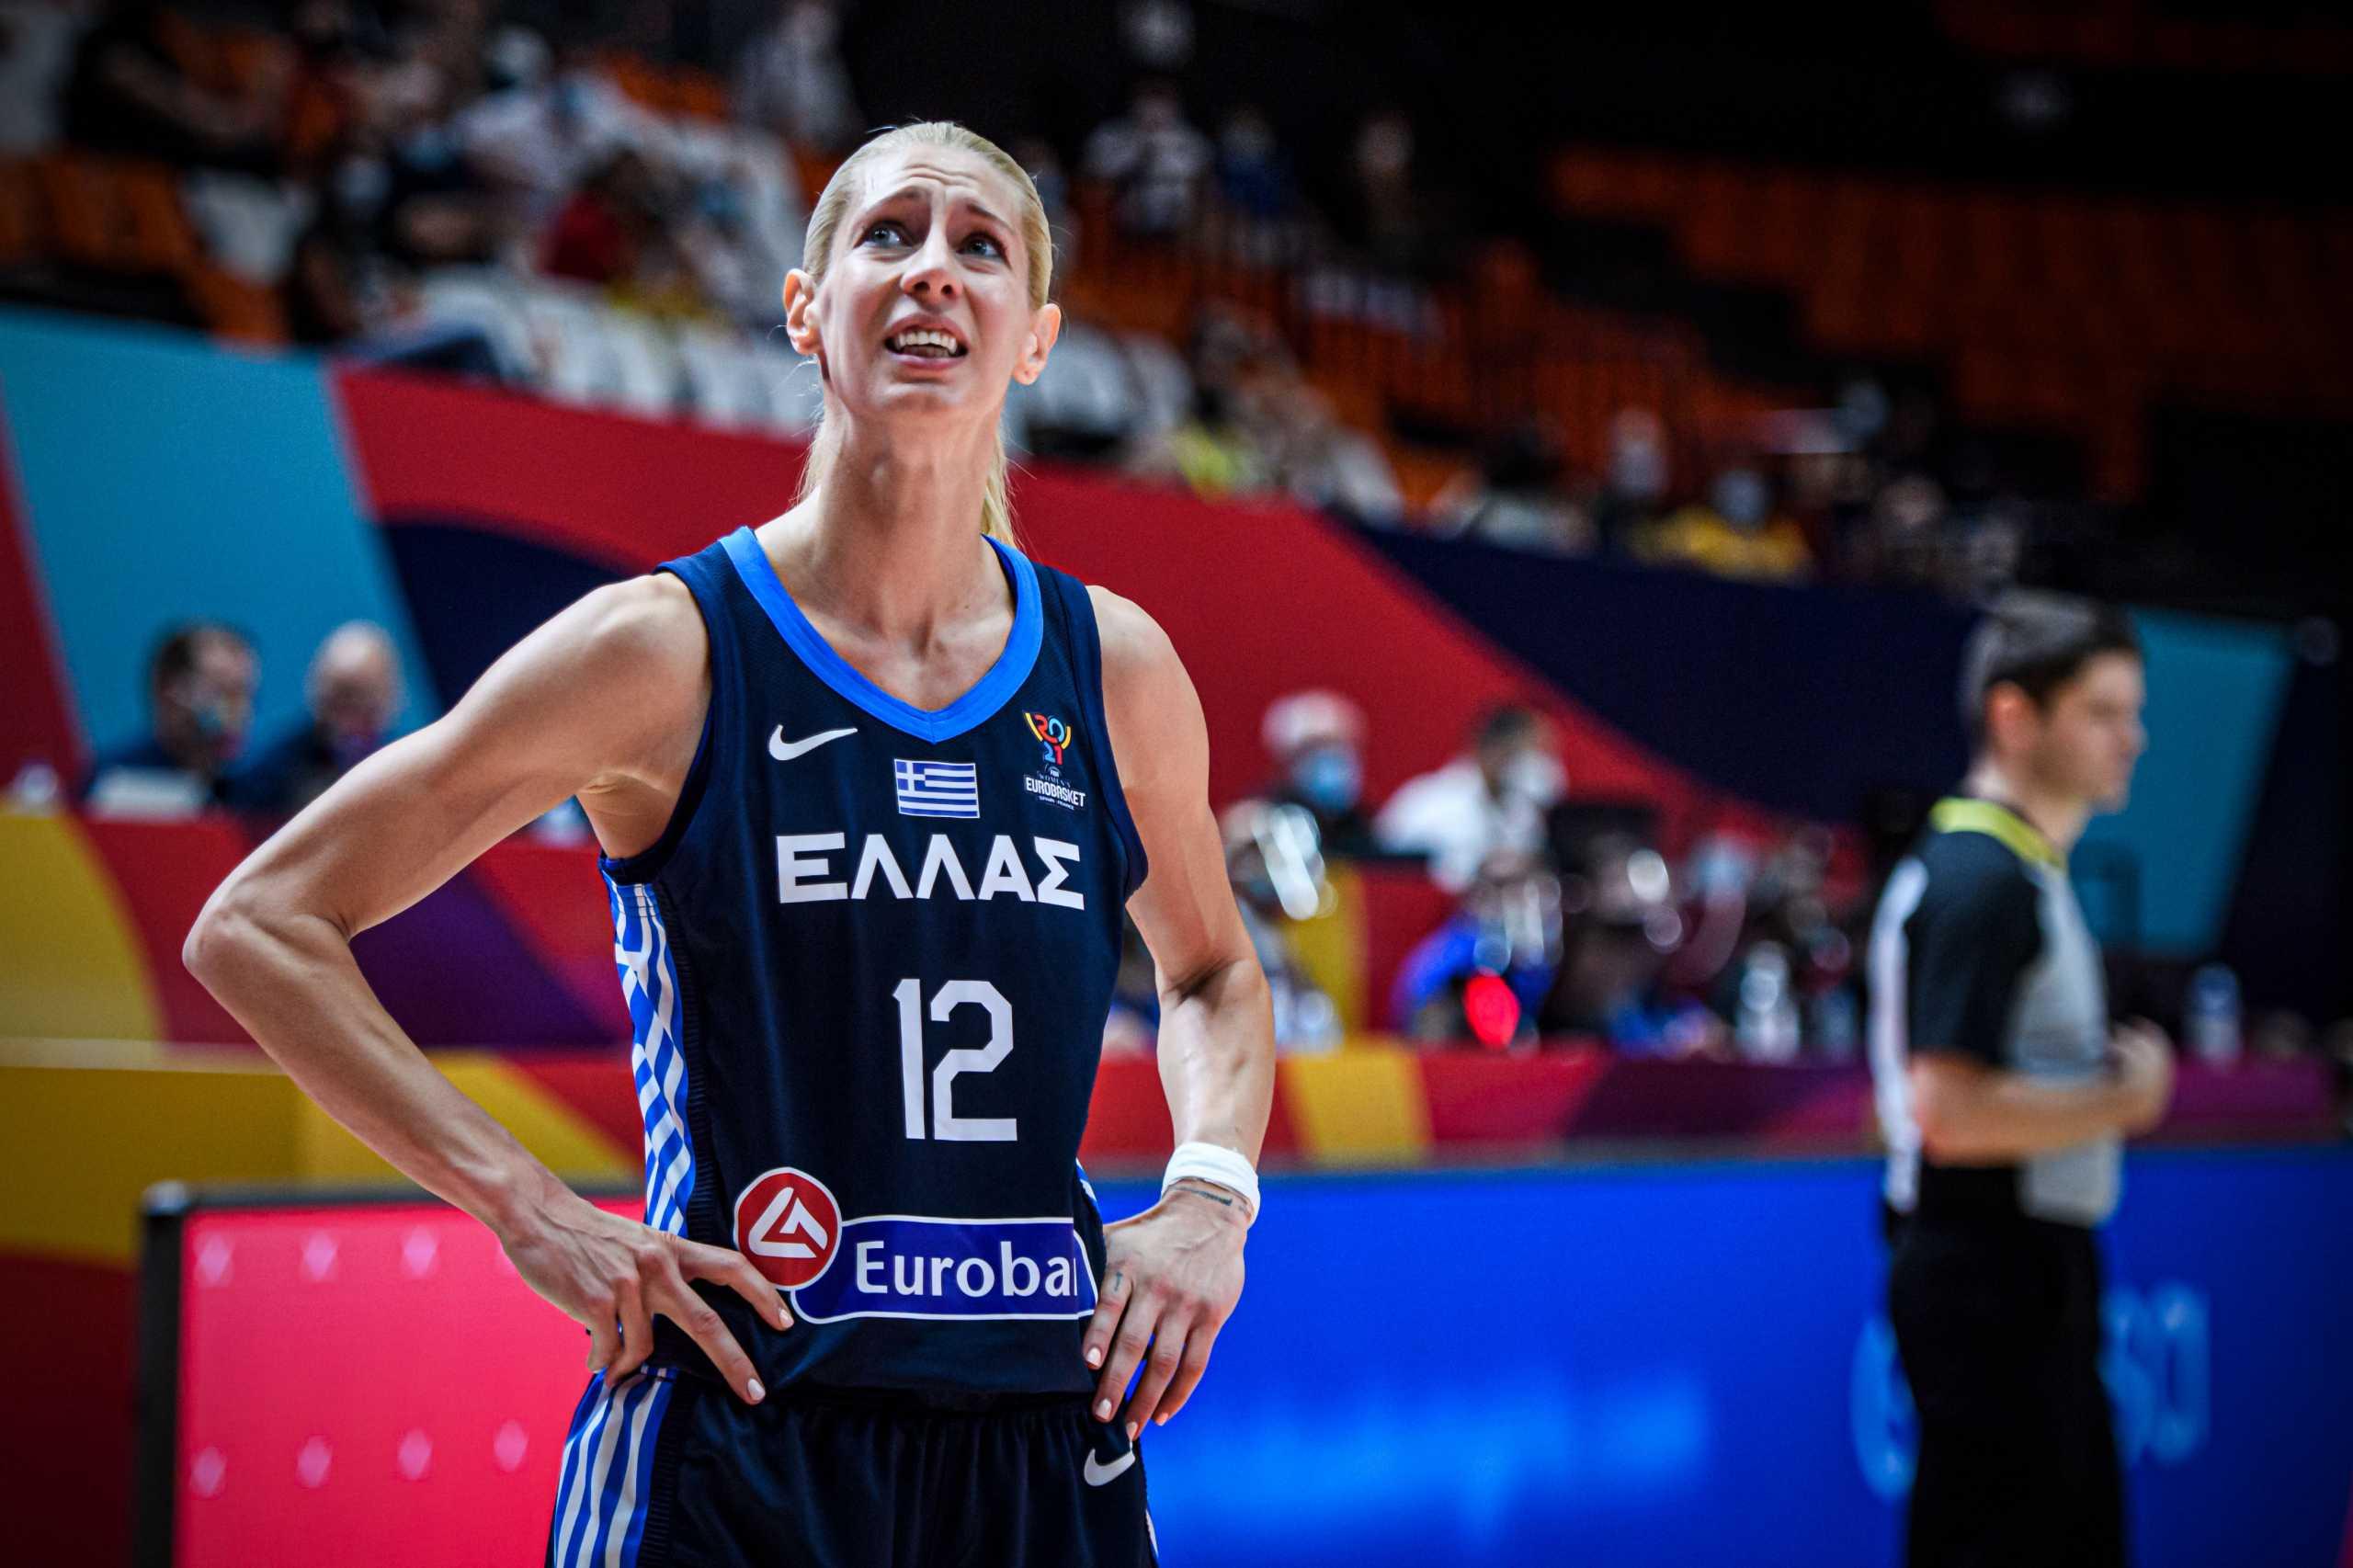 Ήττα από την Ιταλία και αποκλεισμός για την Εθνική γυναικών από το Eurobasket